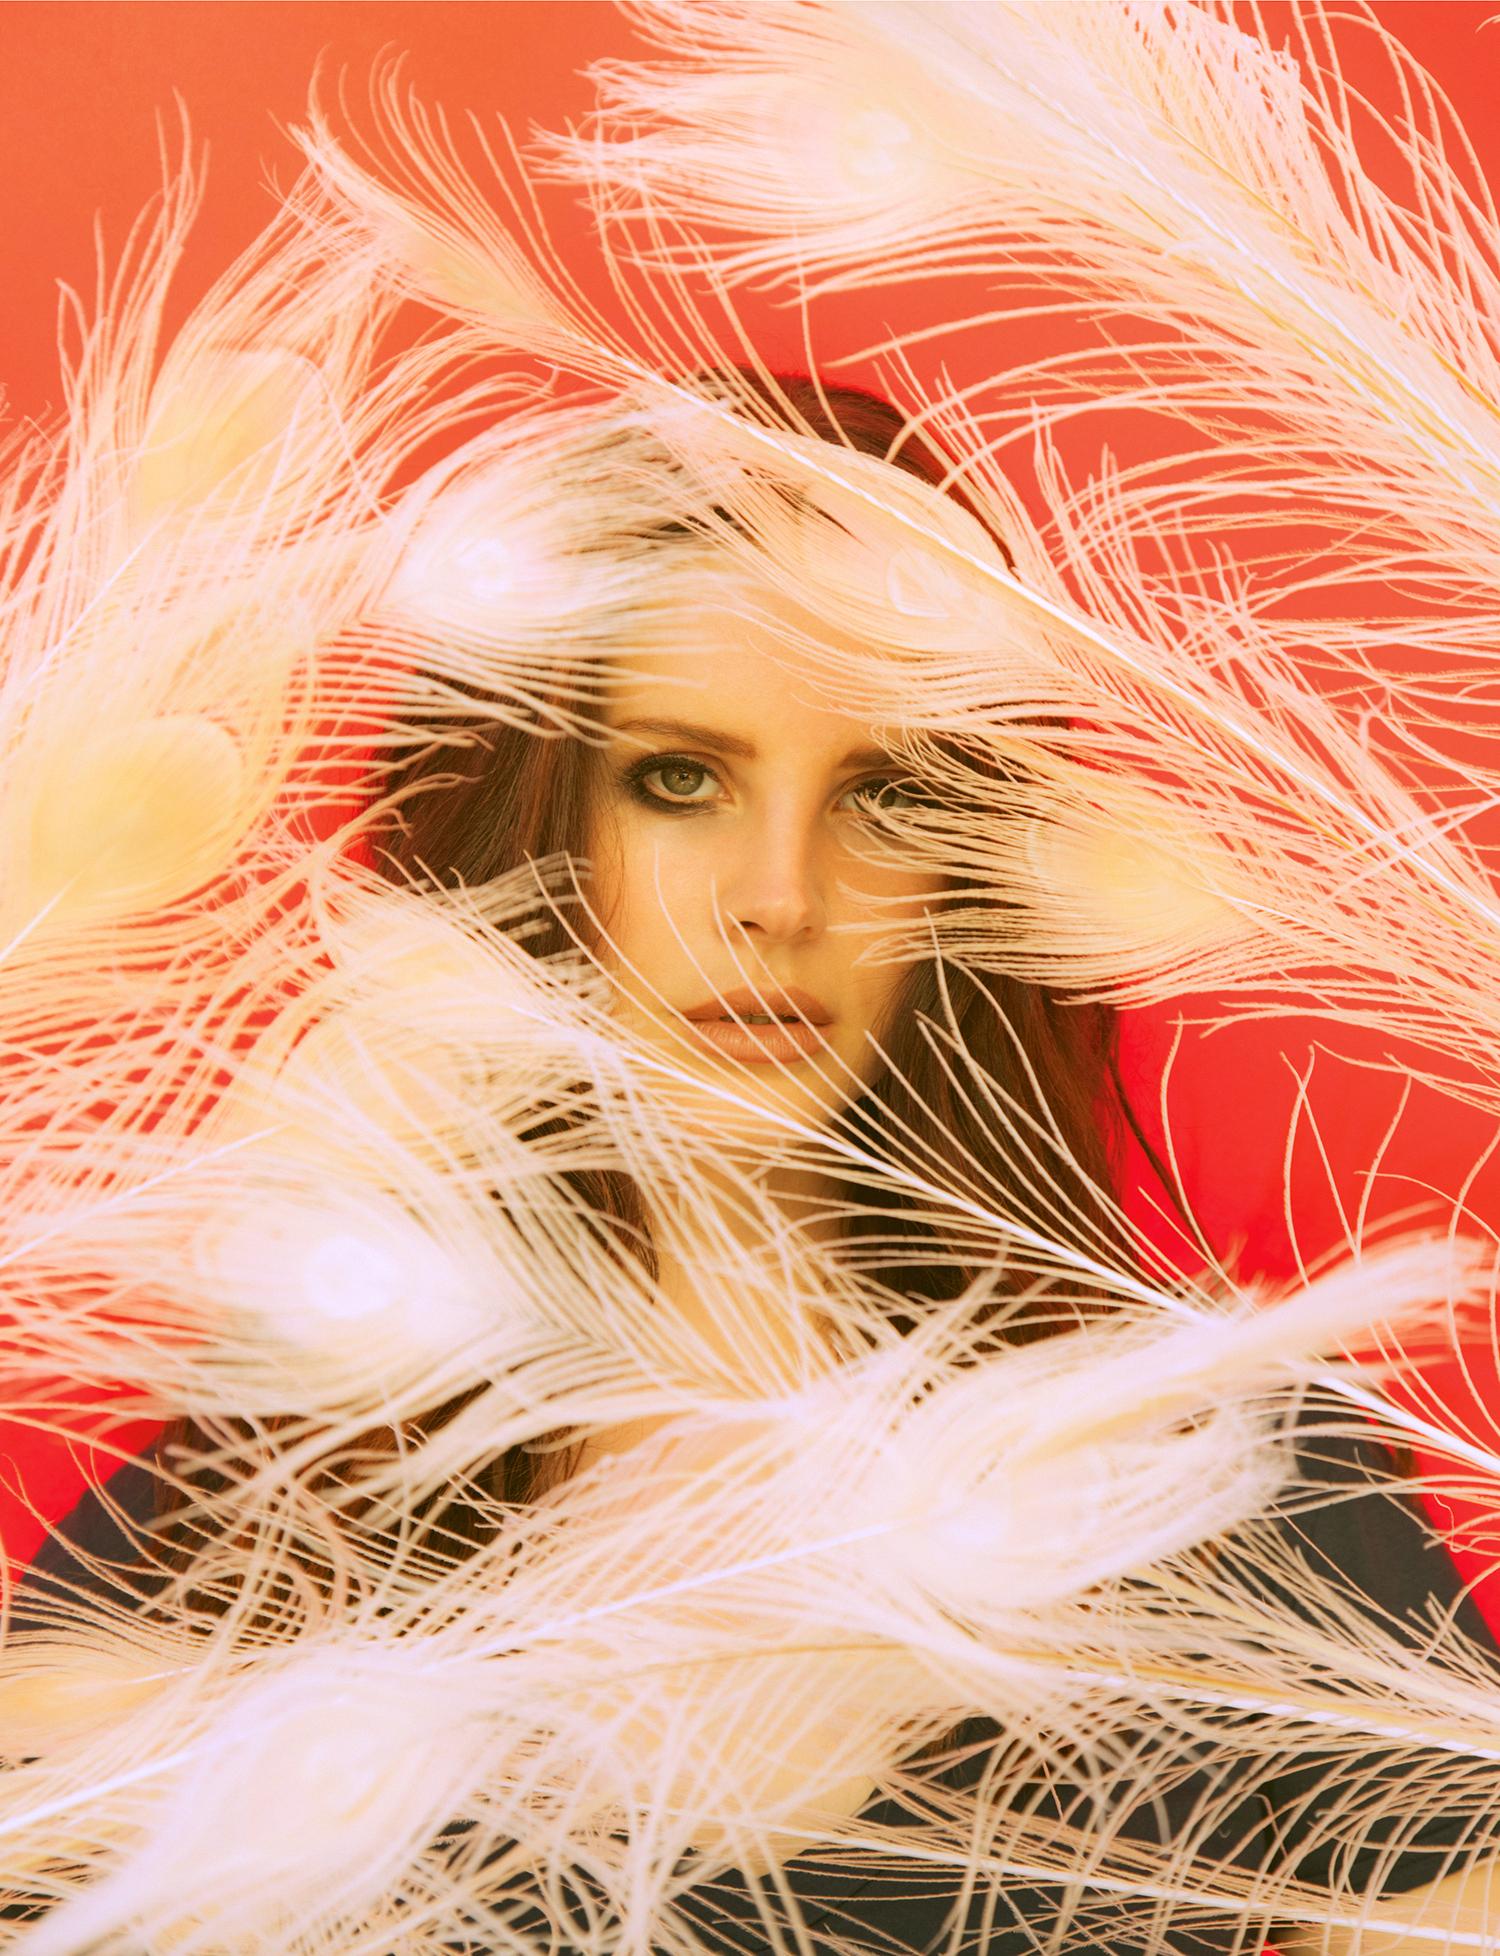 19+-+Lana+Del+Rey+-+Neil+Krug.jpg